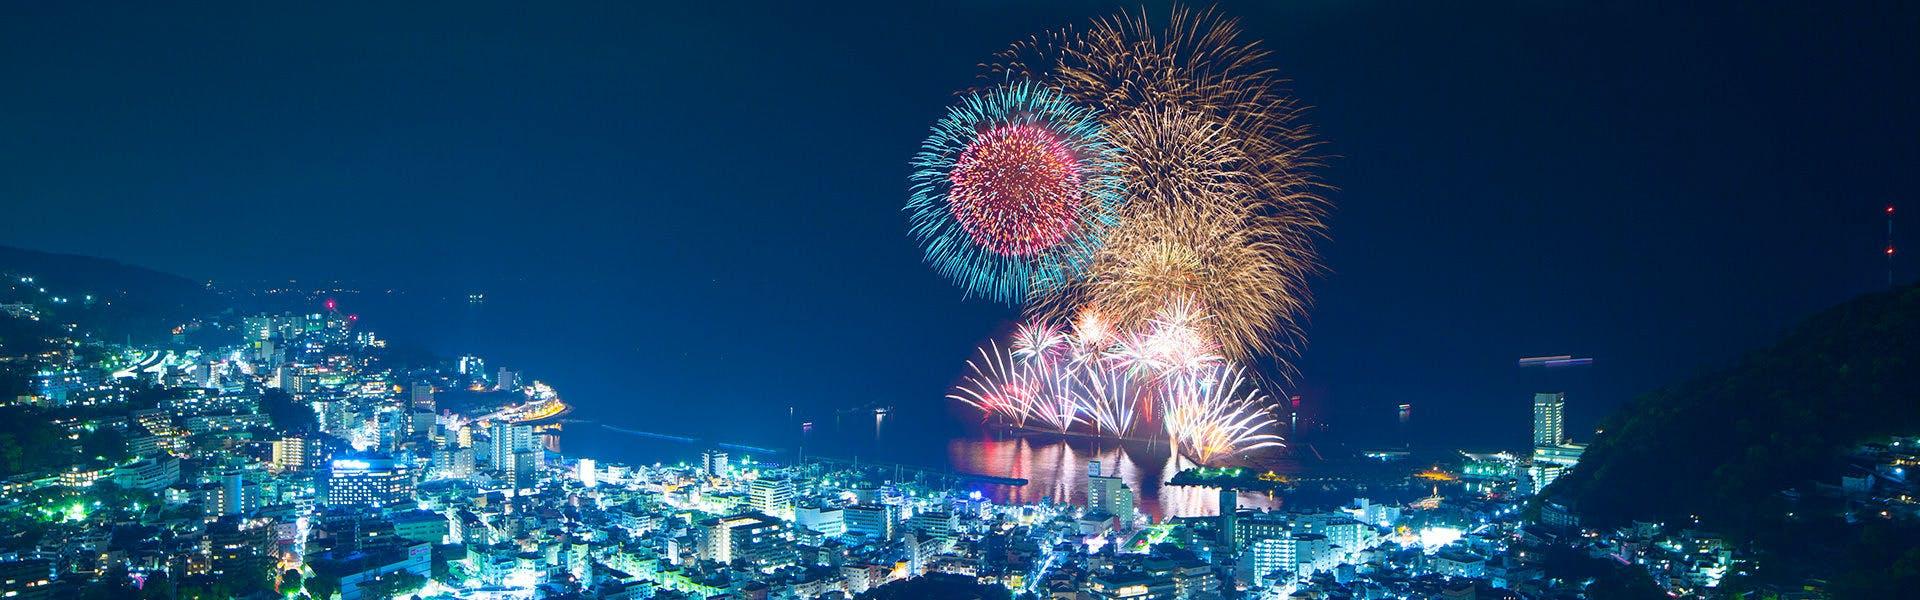 記念日におすすめのホテル・【星野リゾート リゾナーレ熱海】の写真3